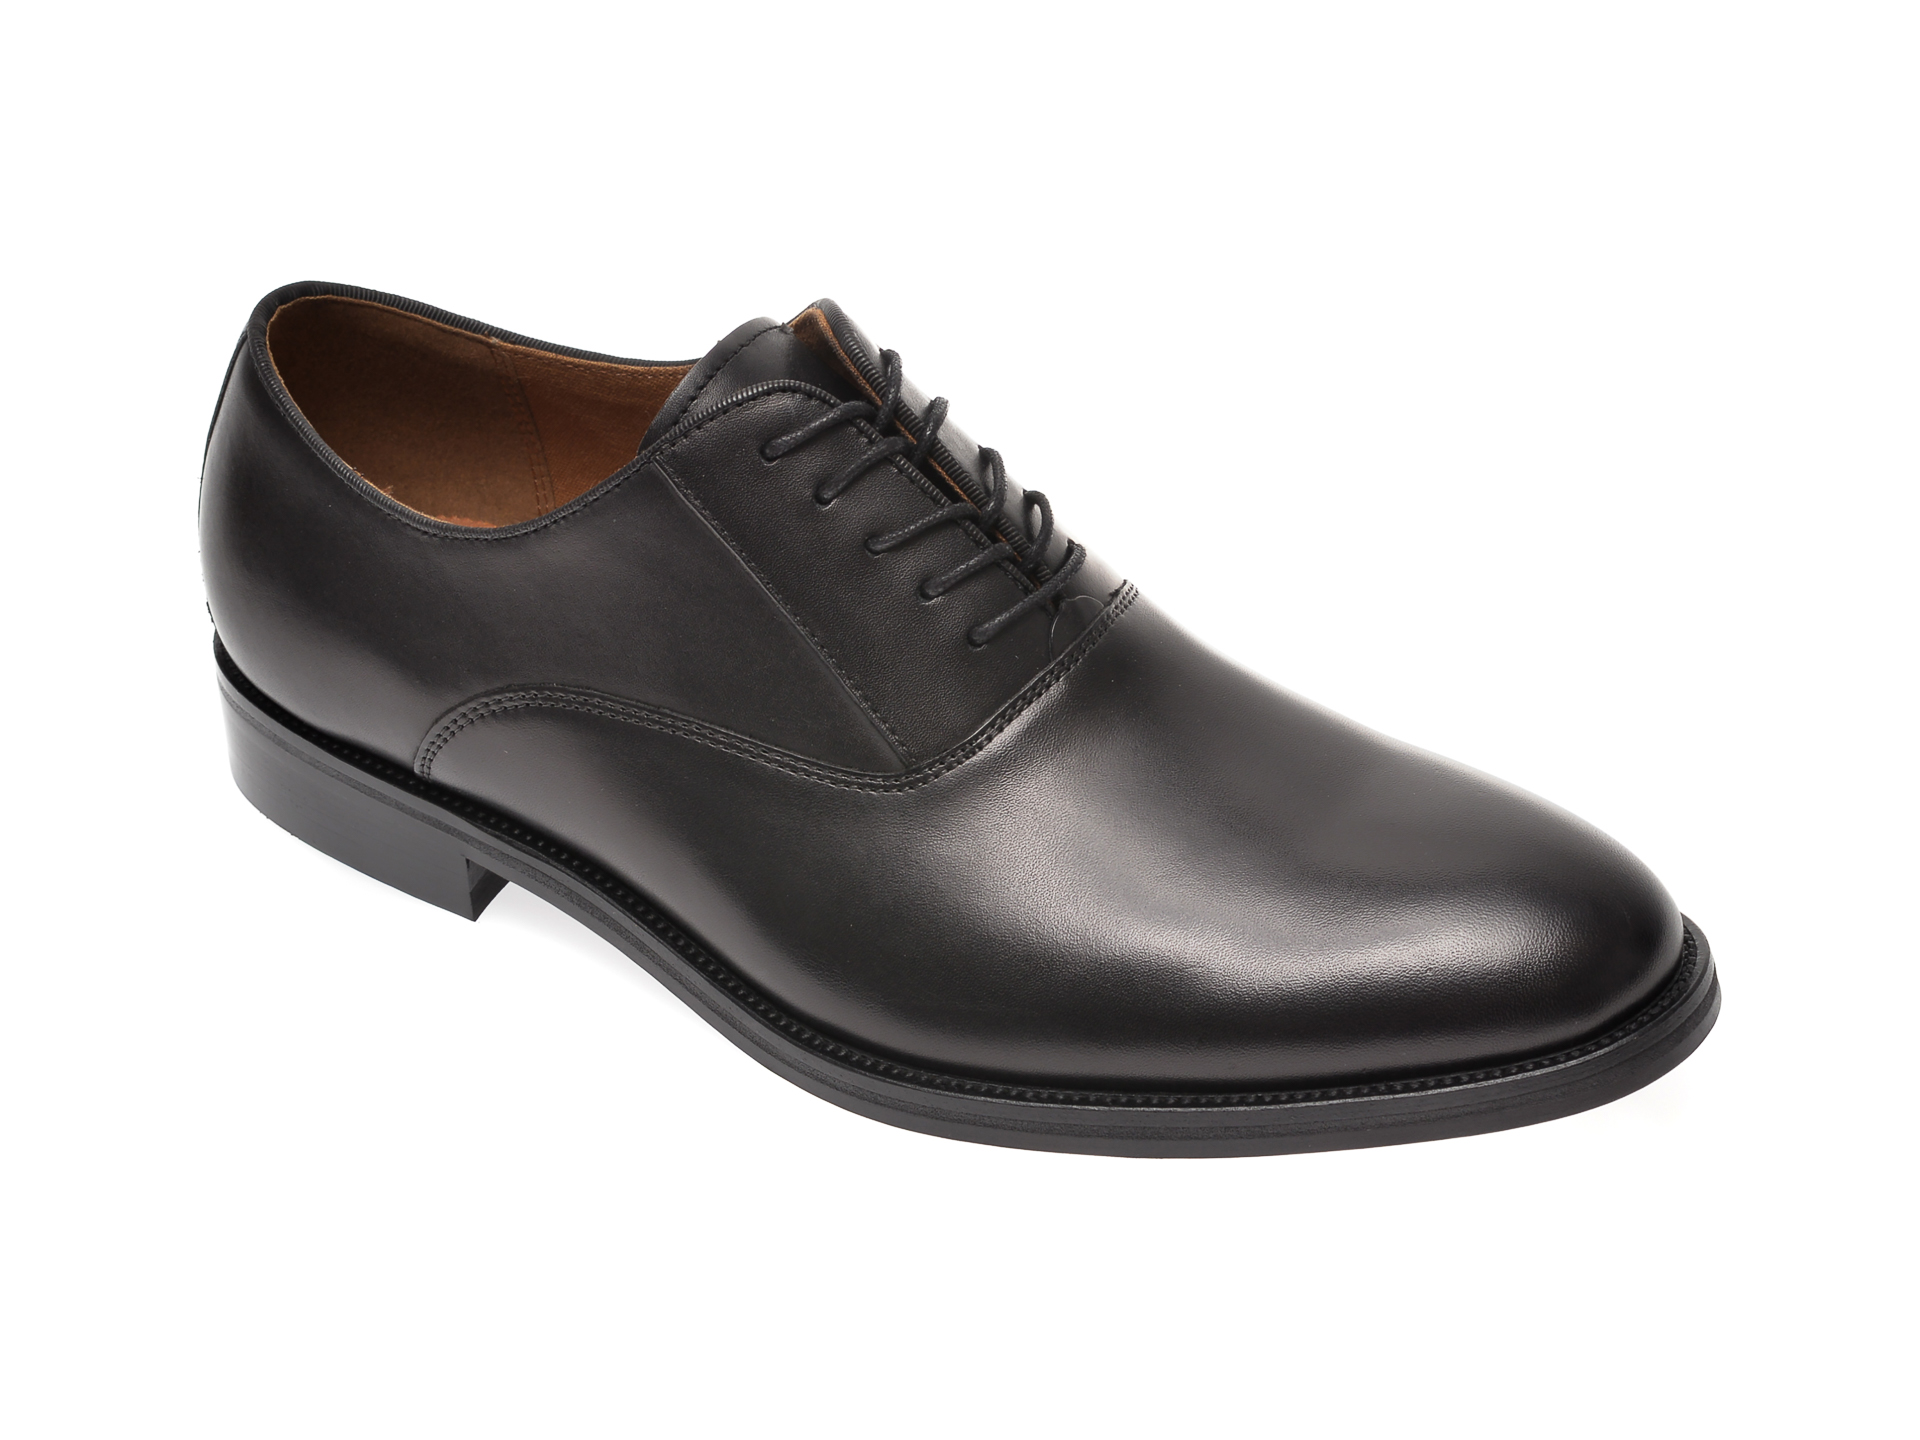 Pantofi ALDO negri, Eloie001, din piele naturala imagine